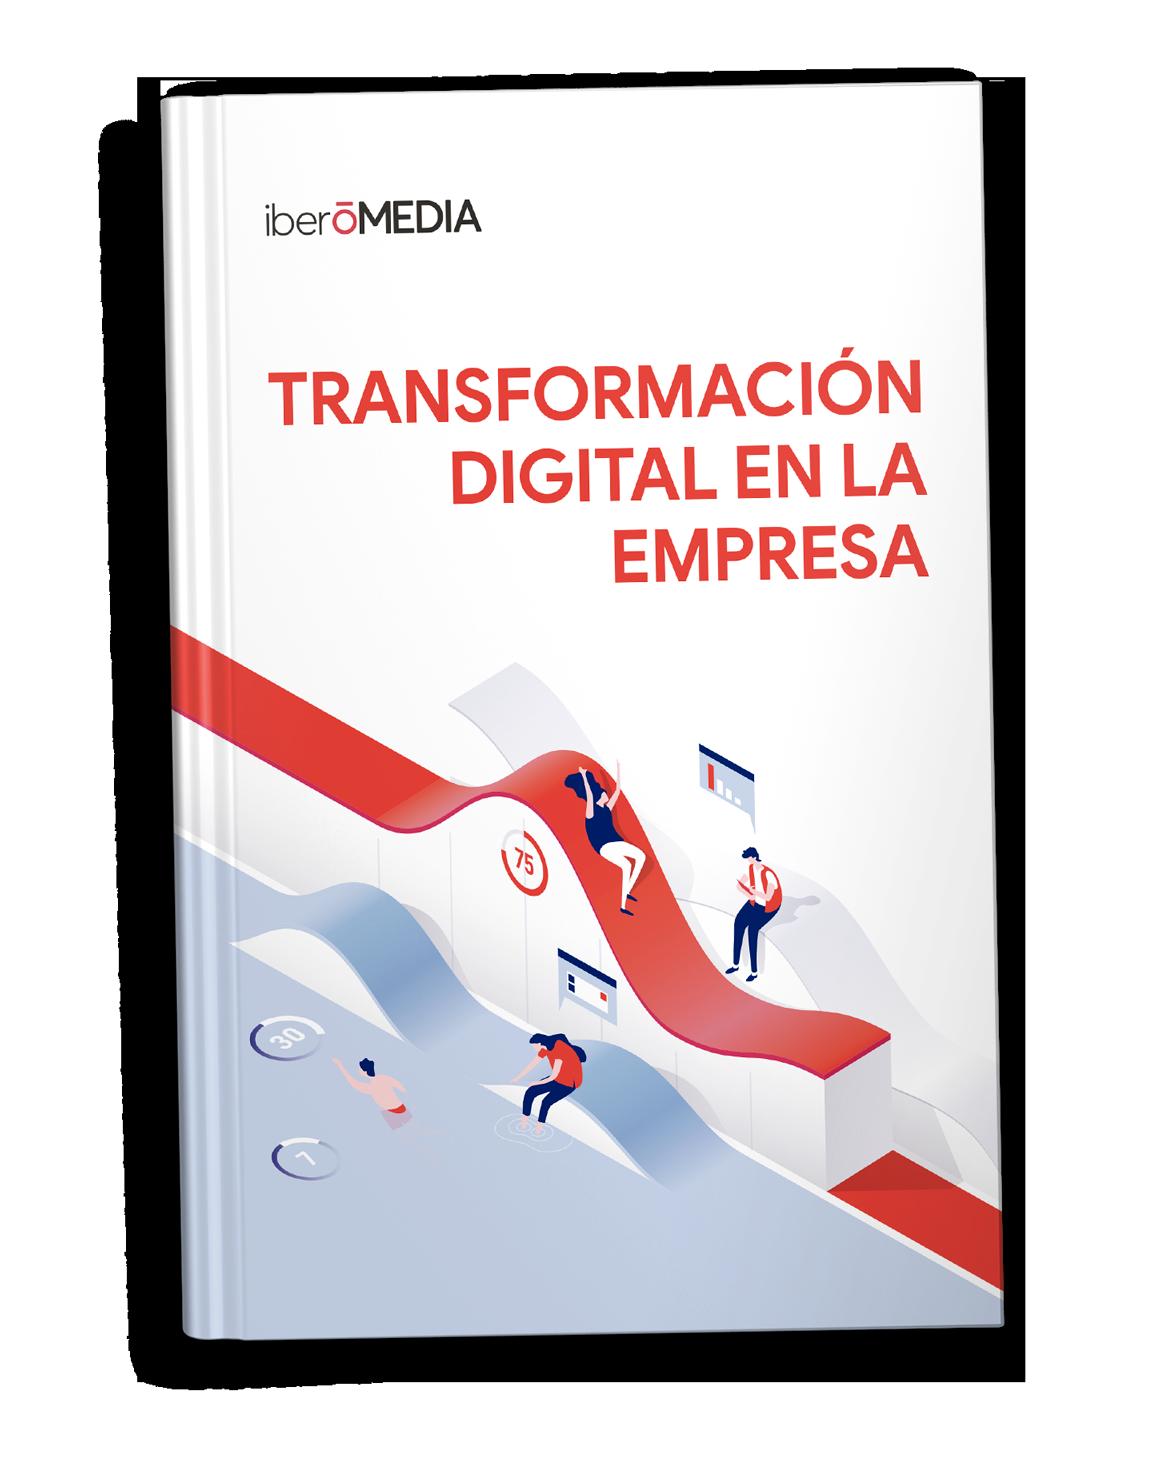 portada-ebook-transformacion-digital